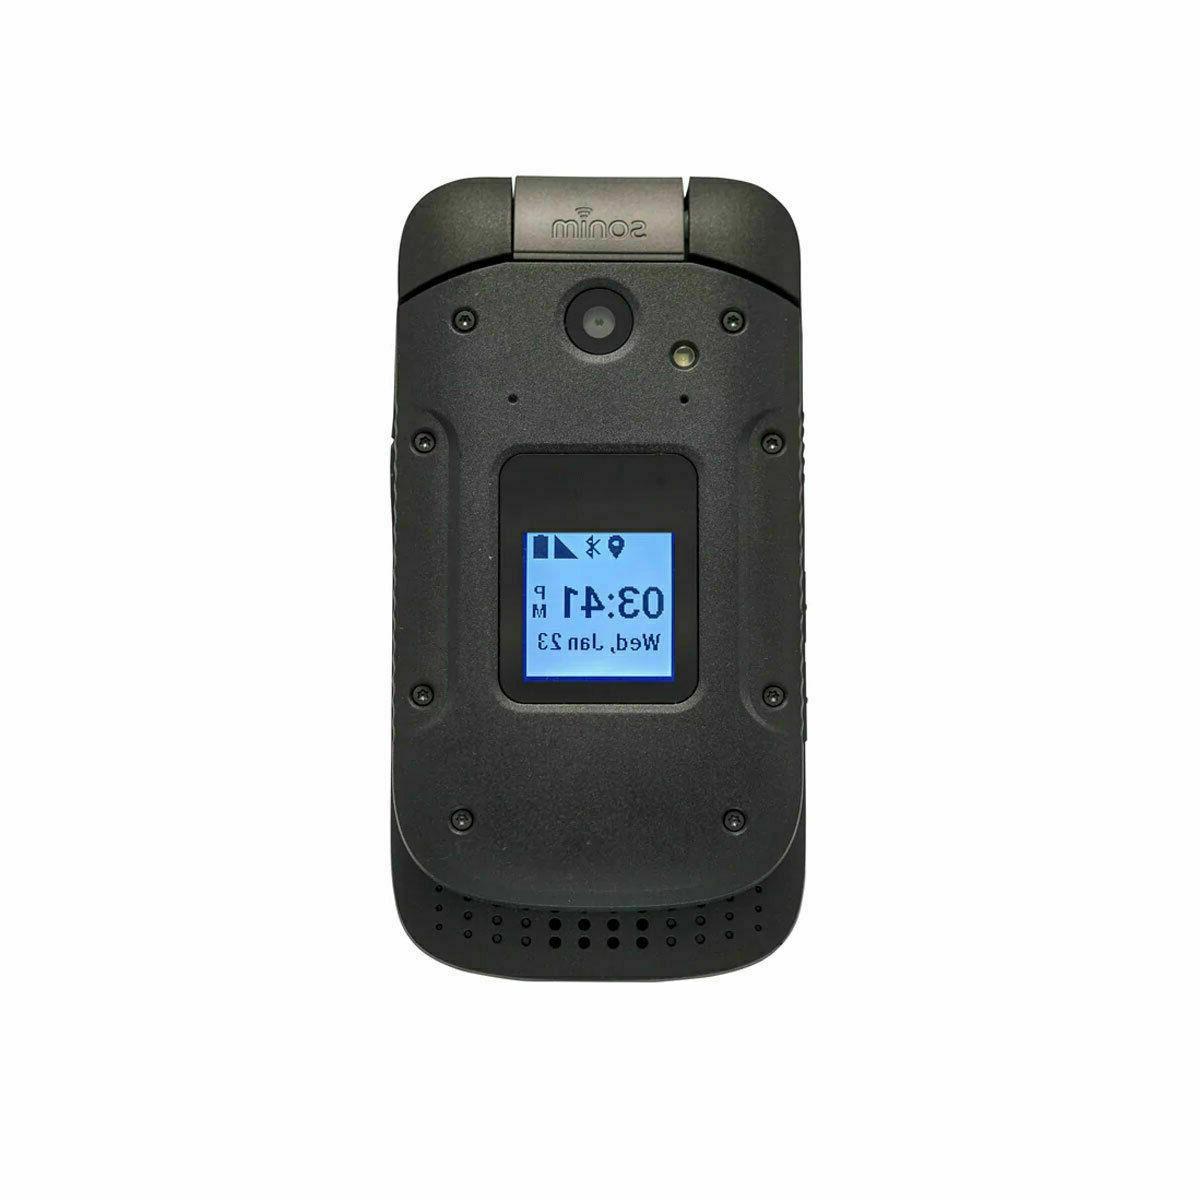 New SPRINT Sonim XP3 XP3800 | 8GB Flip Phone- Great